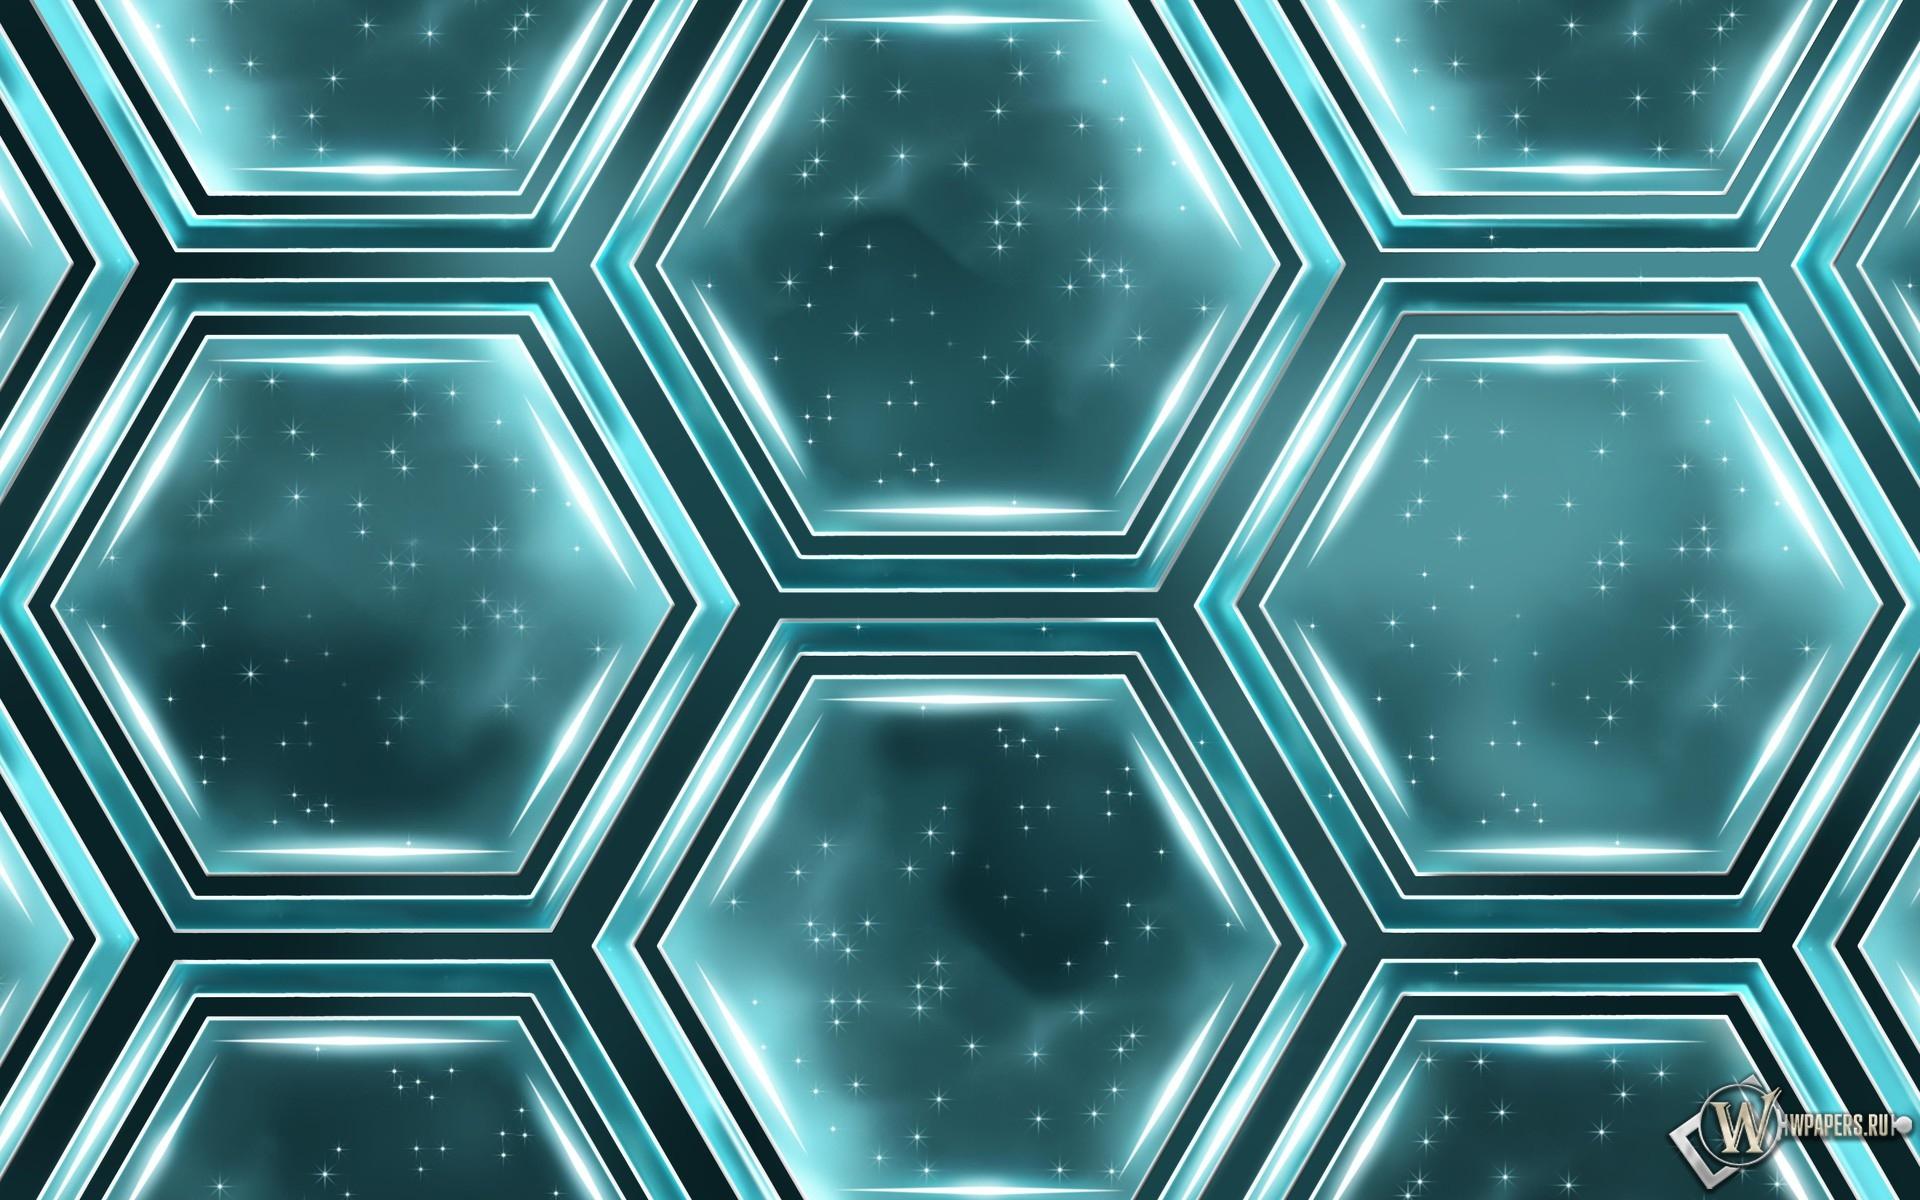 Абстракция шестигранников 1920x1200